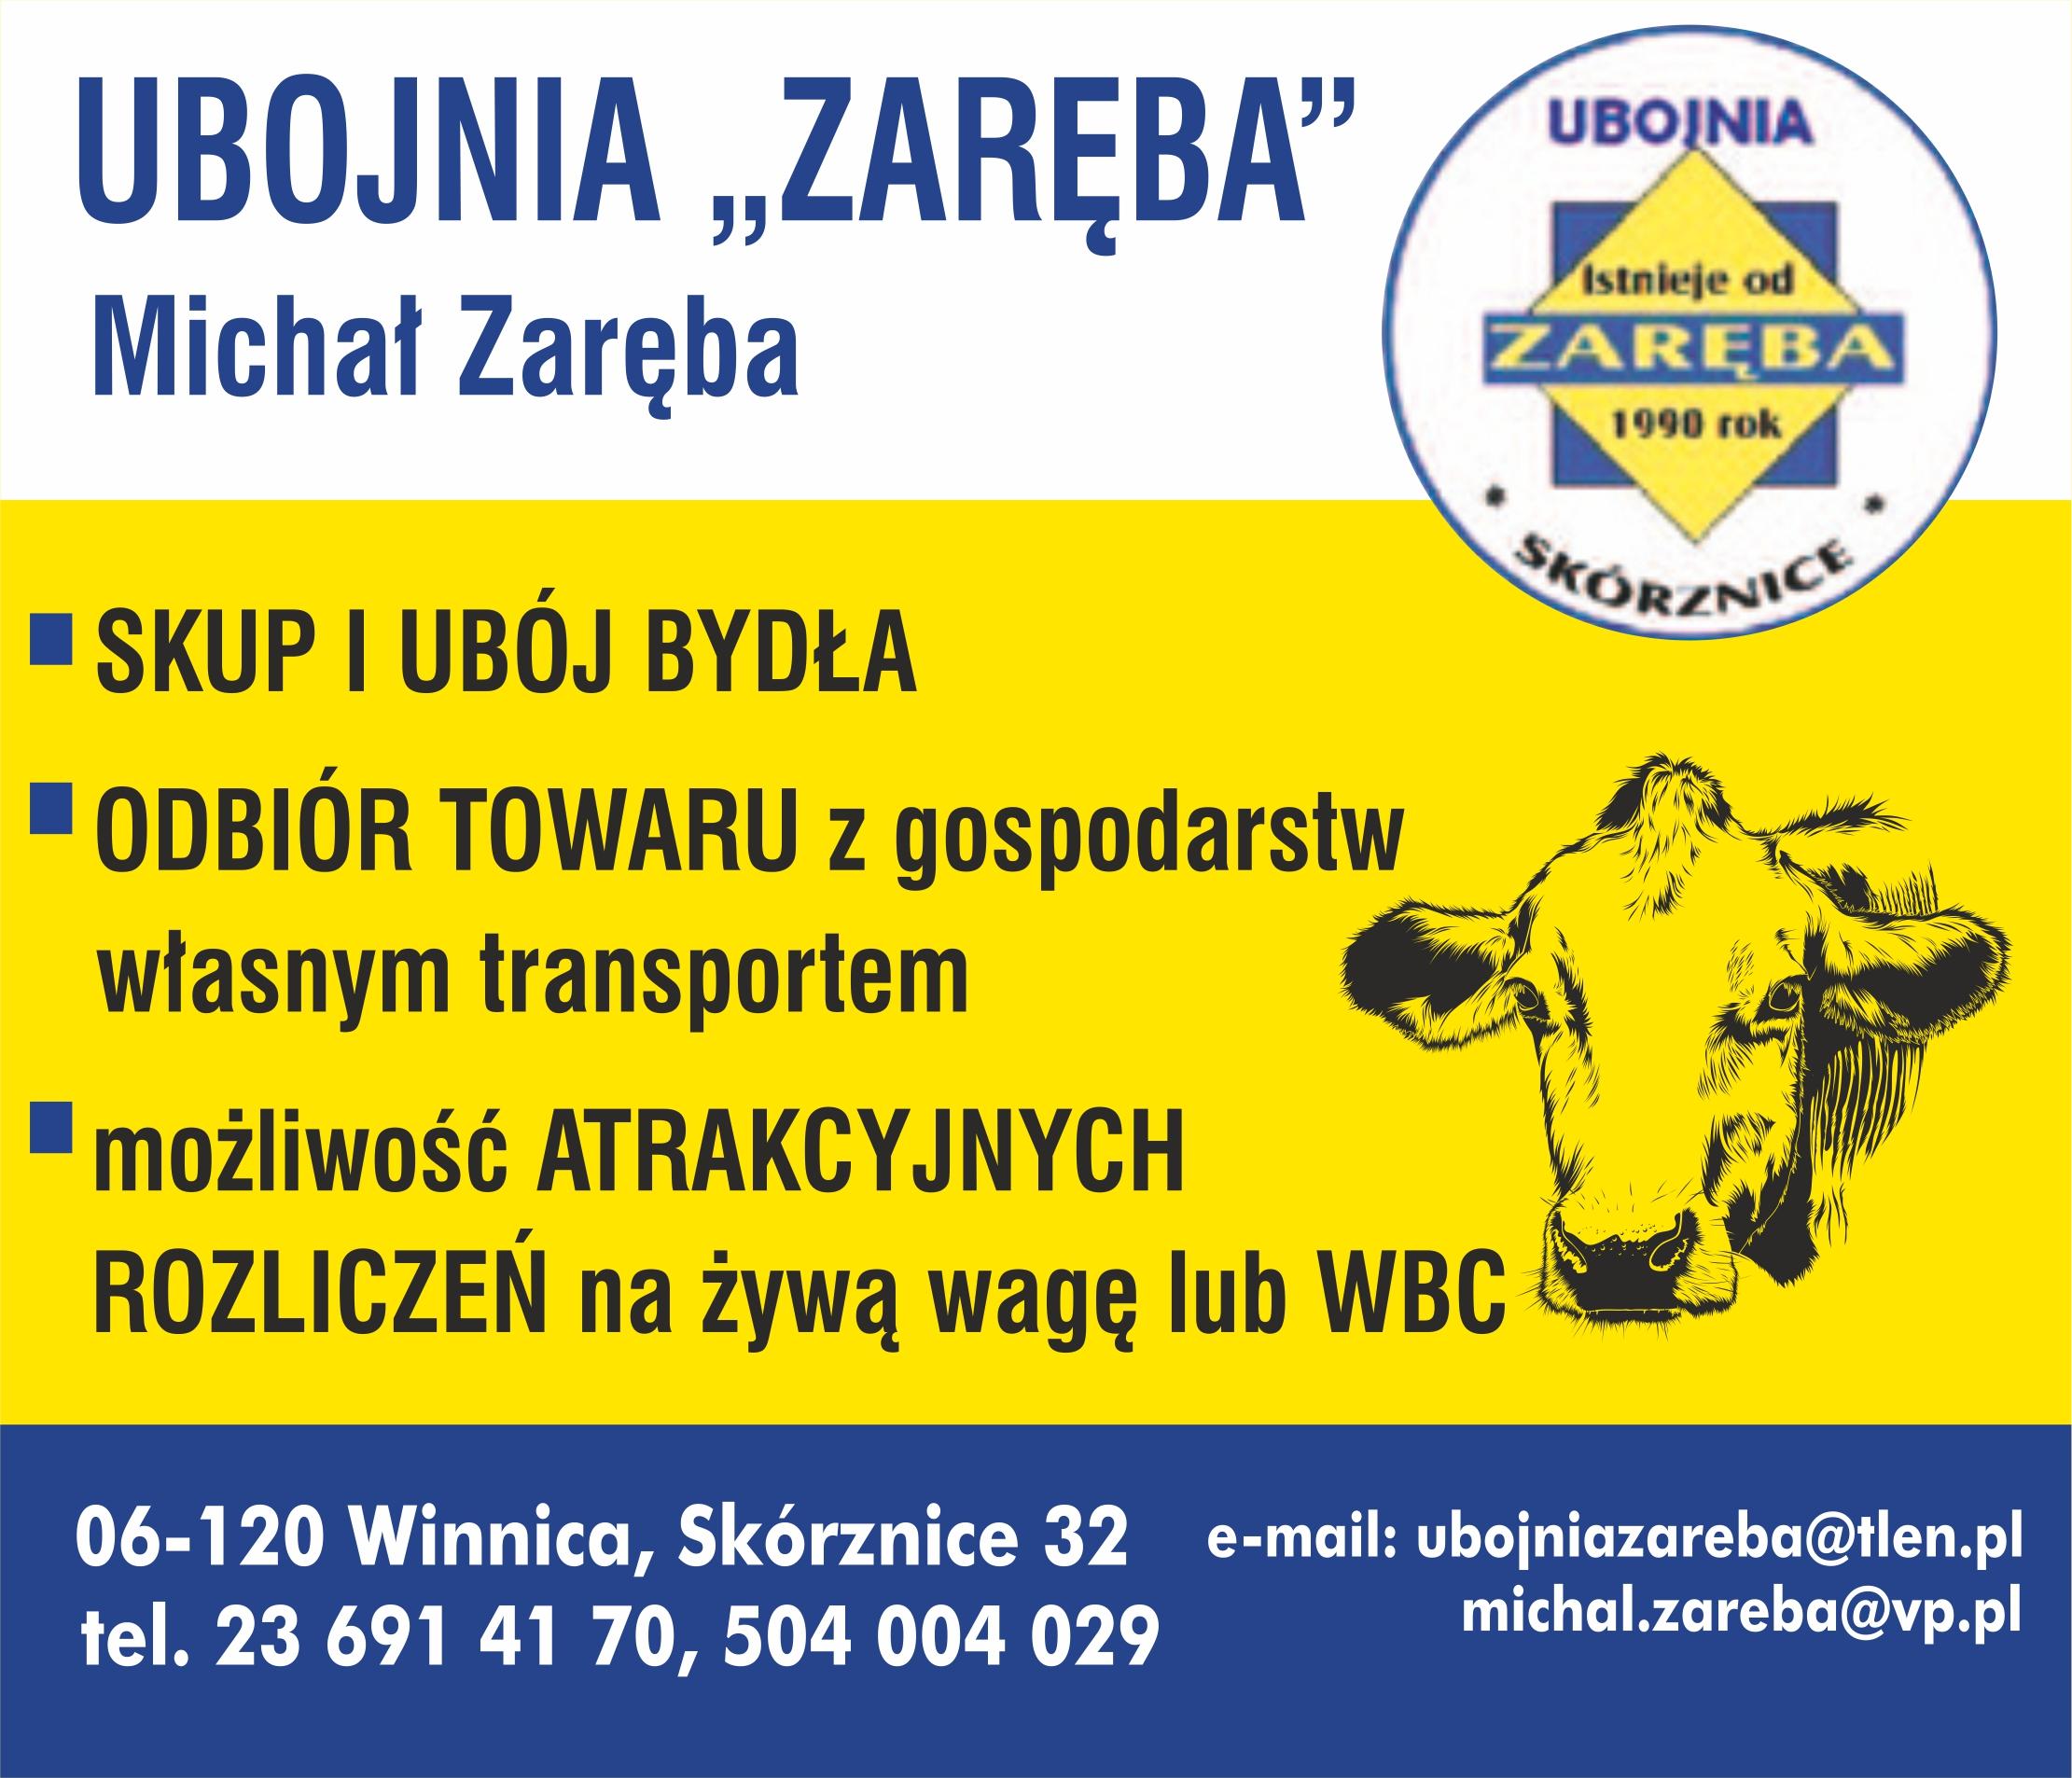 https://m.wm.pl/2021/03/orig/ubojna-zareba-km-695241.jpg